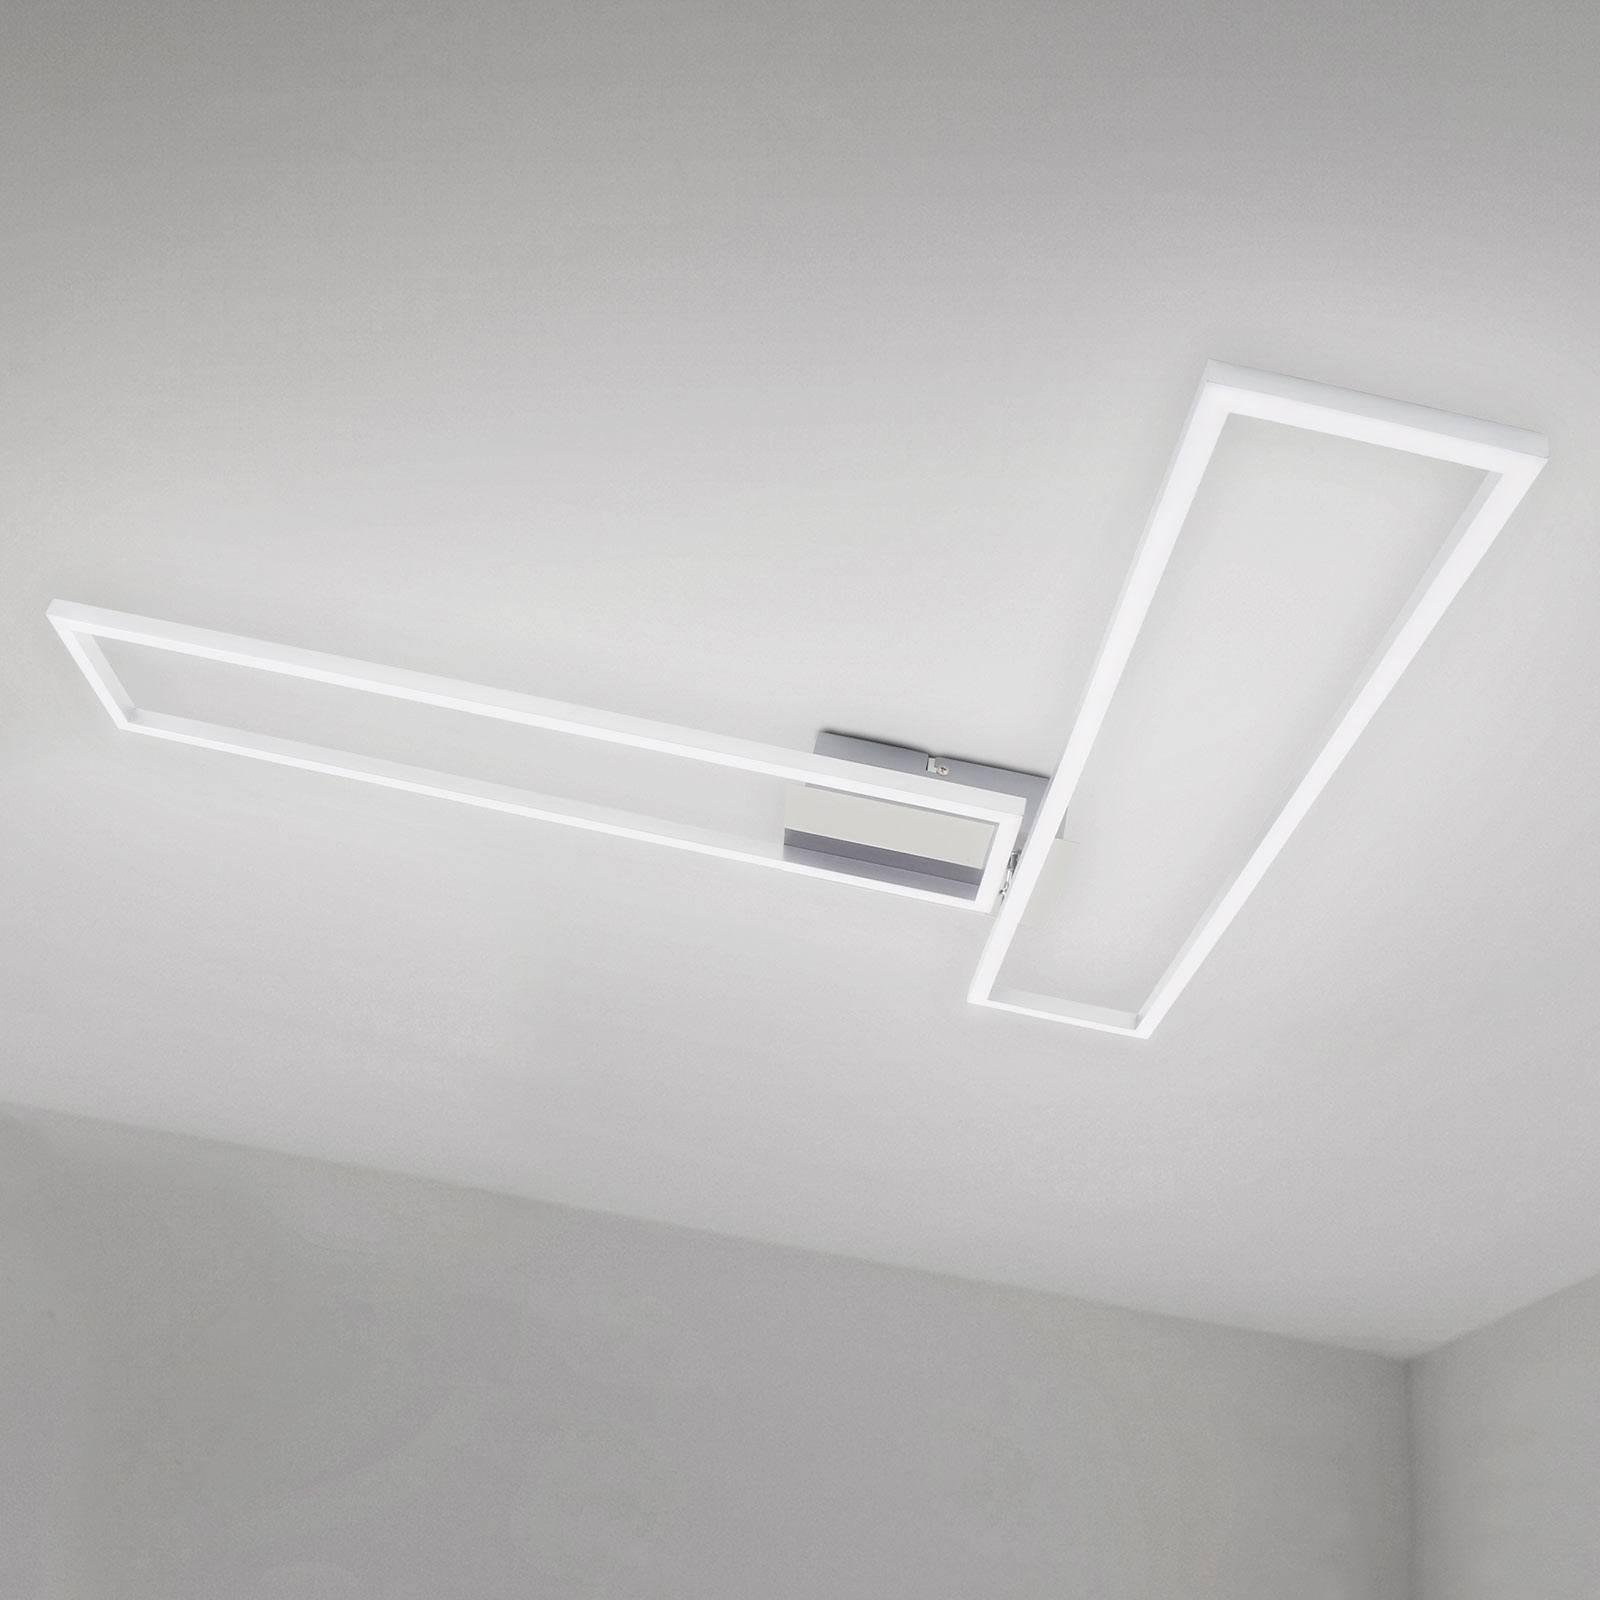 Lampa sufitowa Frame WiFi CCT, pilot, aluminium